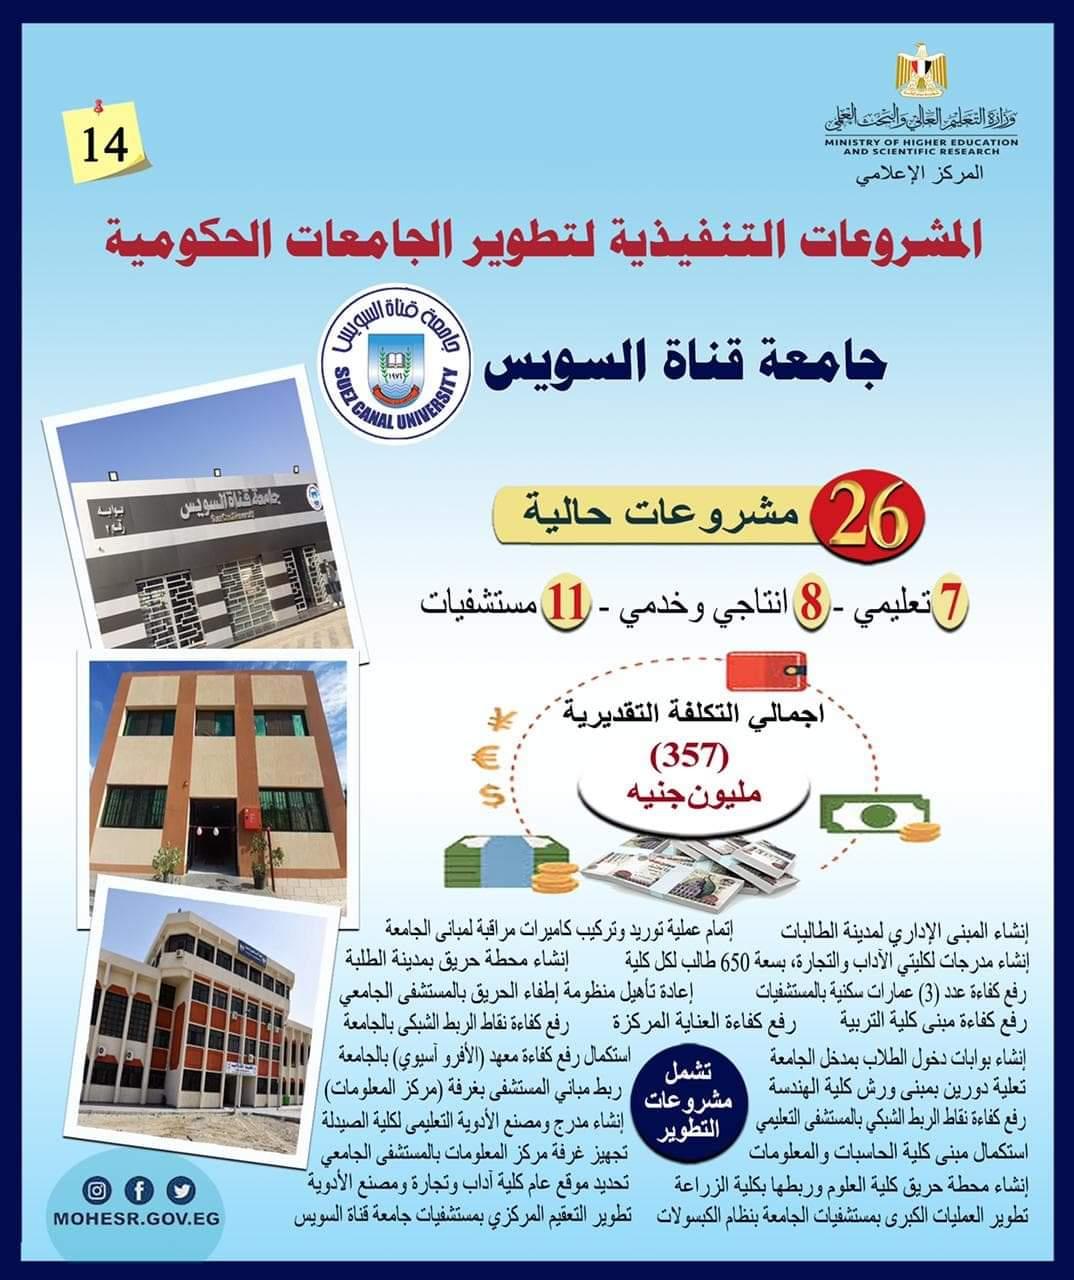 انفوجراف أعمال تطوير جامعة قناة السويس